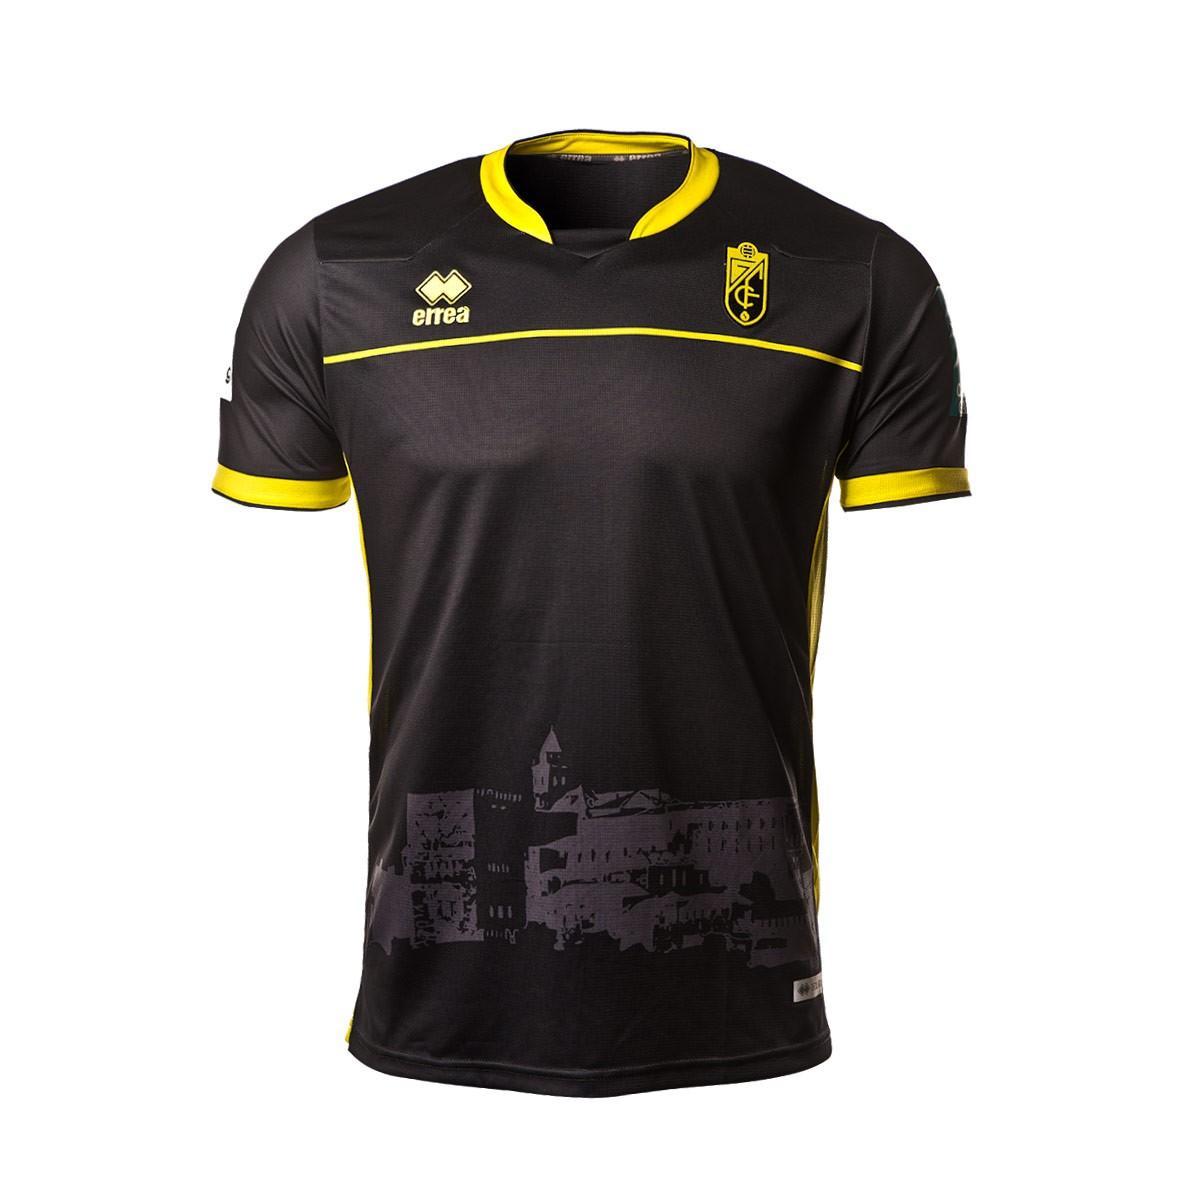 6401a9aa6ea9a Camiseta Errea Granada CF Segunda Equipación 2018-2019 Niño Negro - Tienda  de fútbol Fútbol Emotion